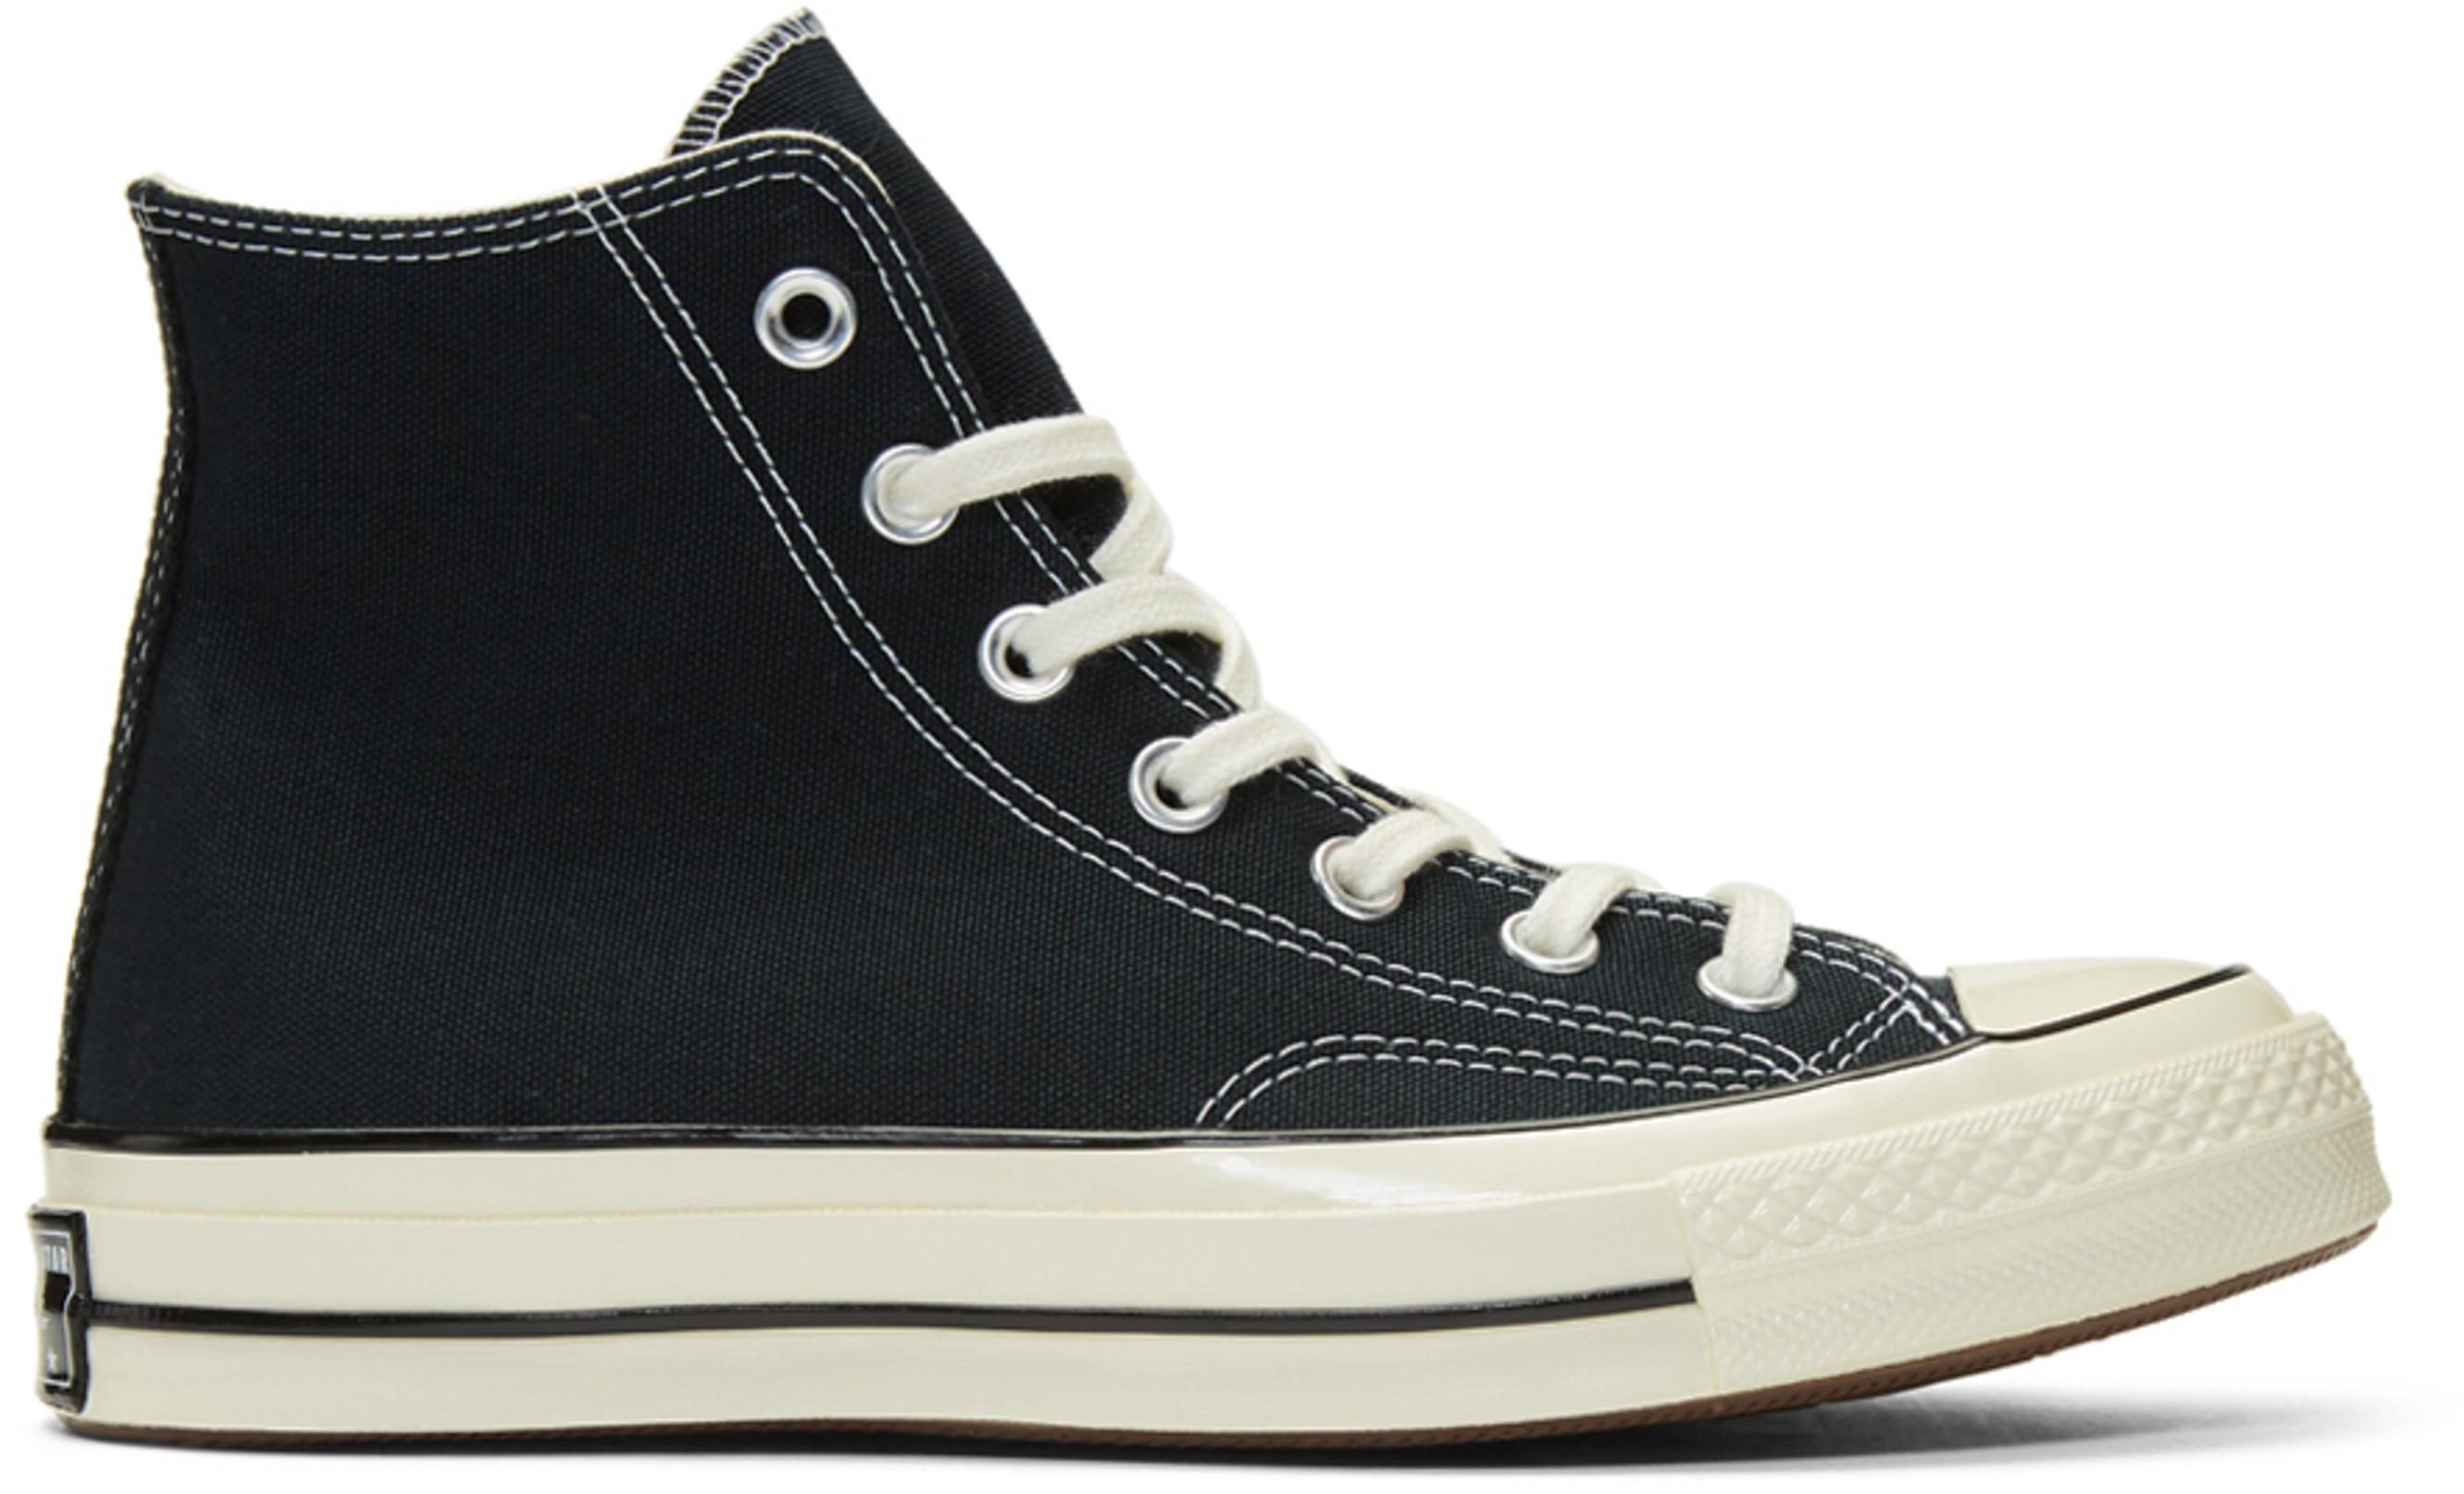 fe08db8c622 Designer high top sneakers for Men